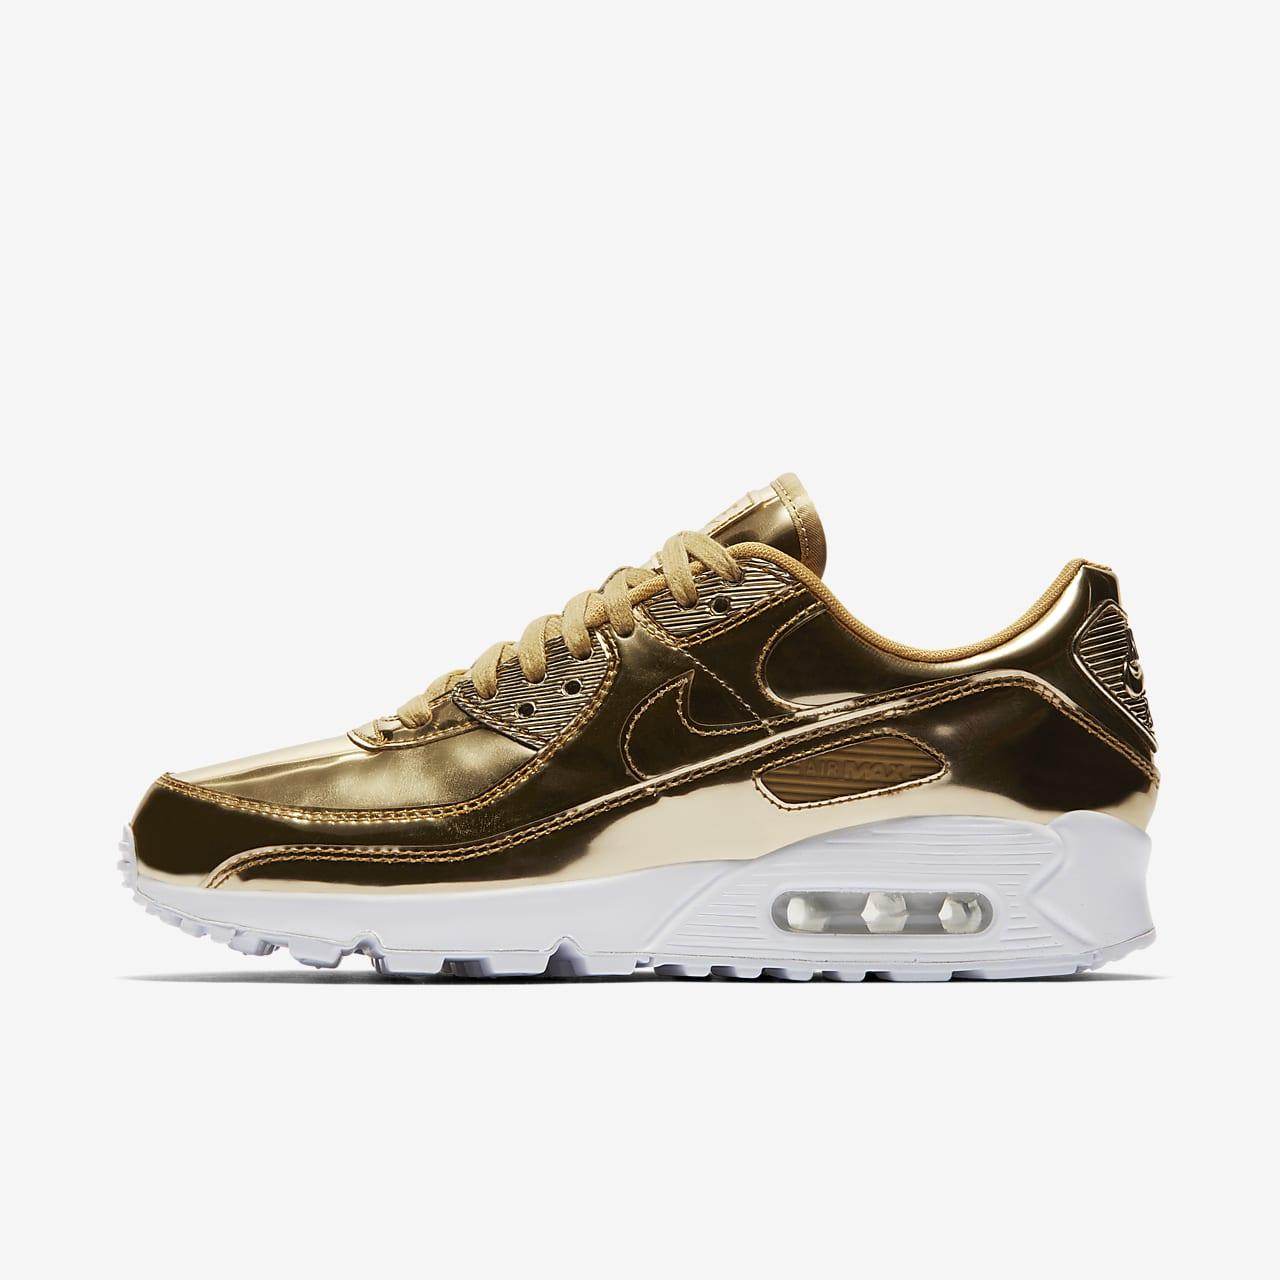 Nike Air Max 90 SP Schoen